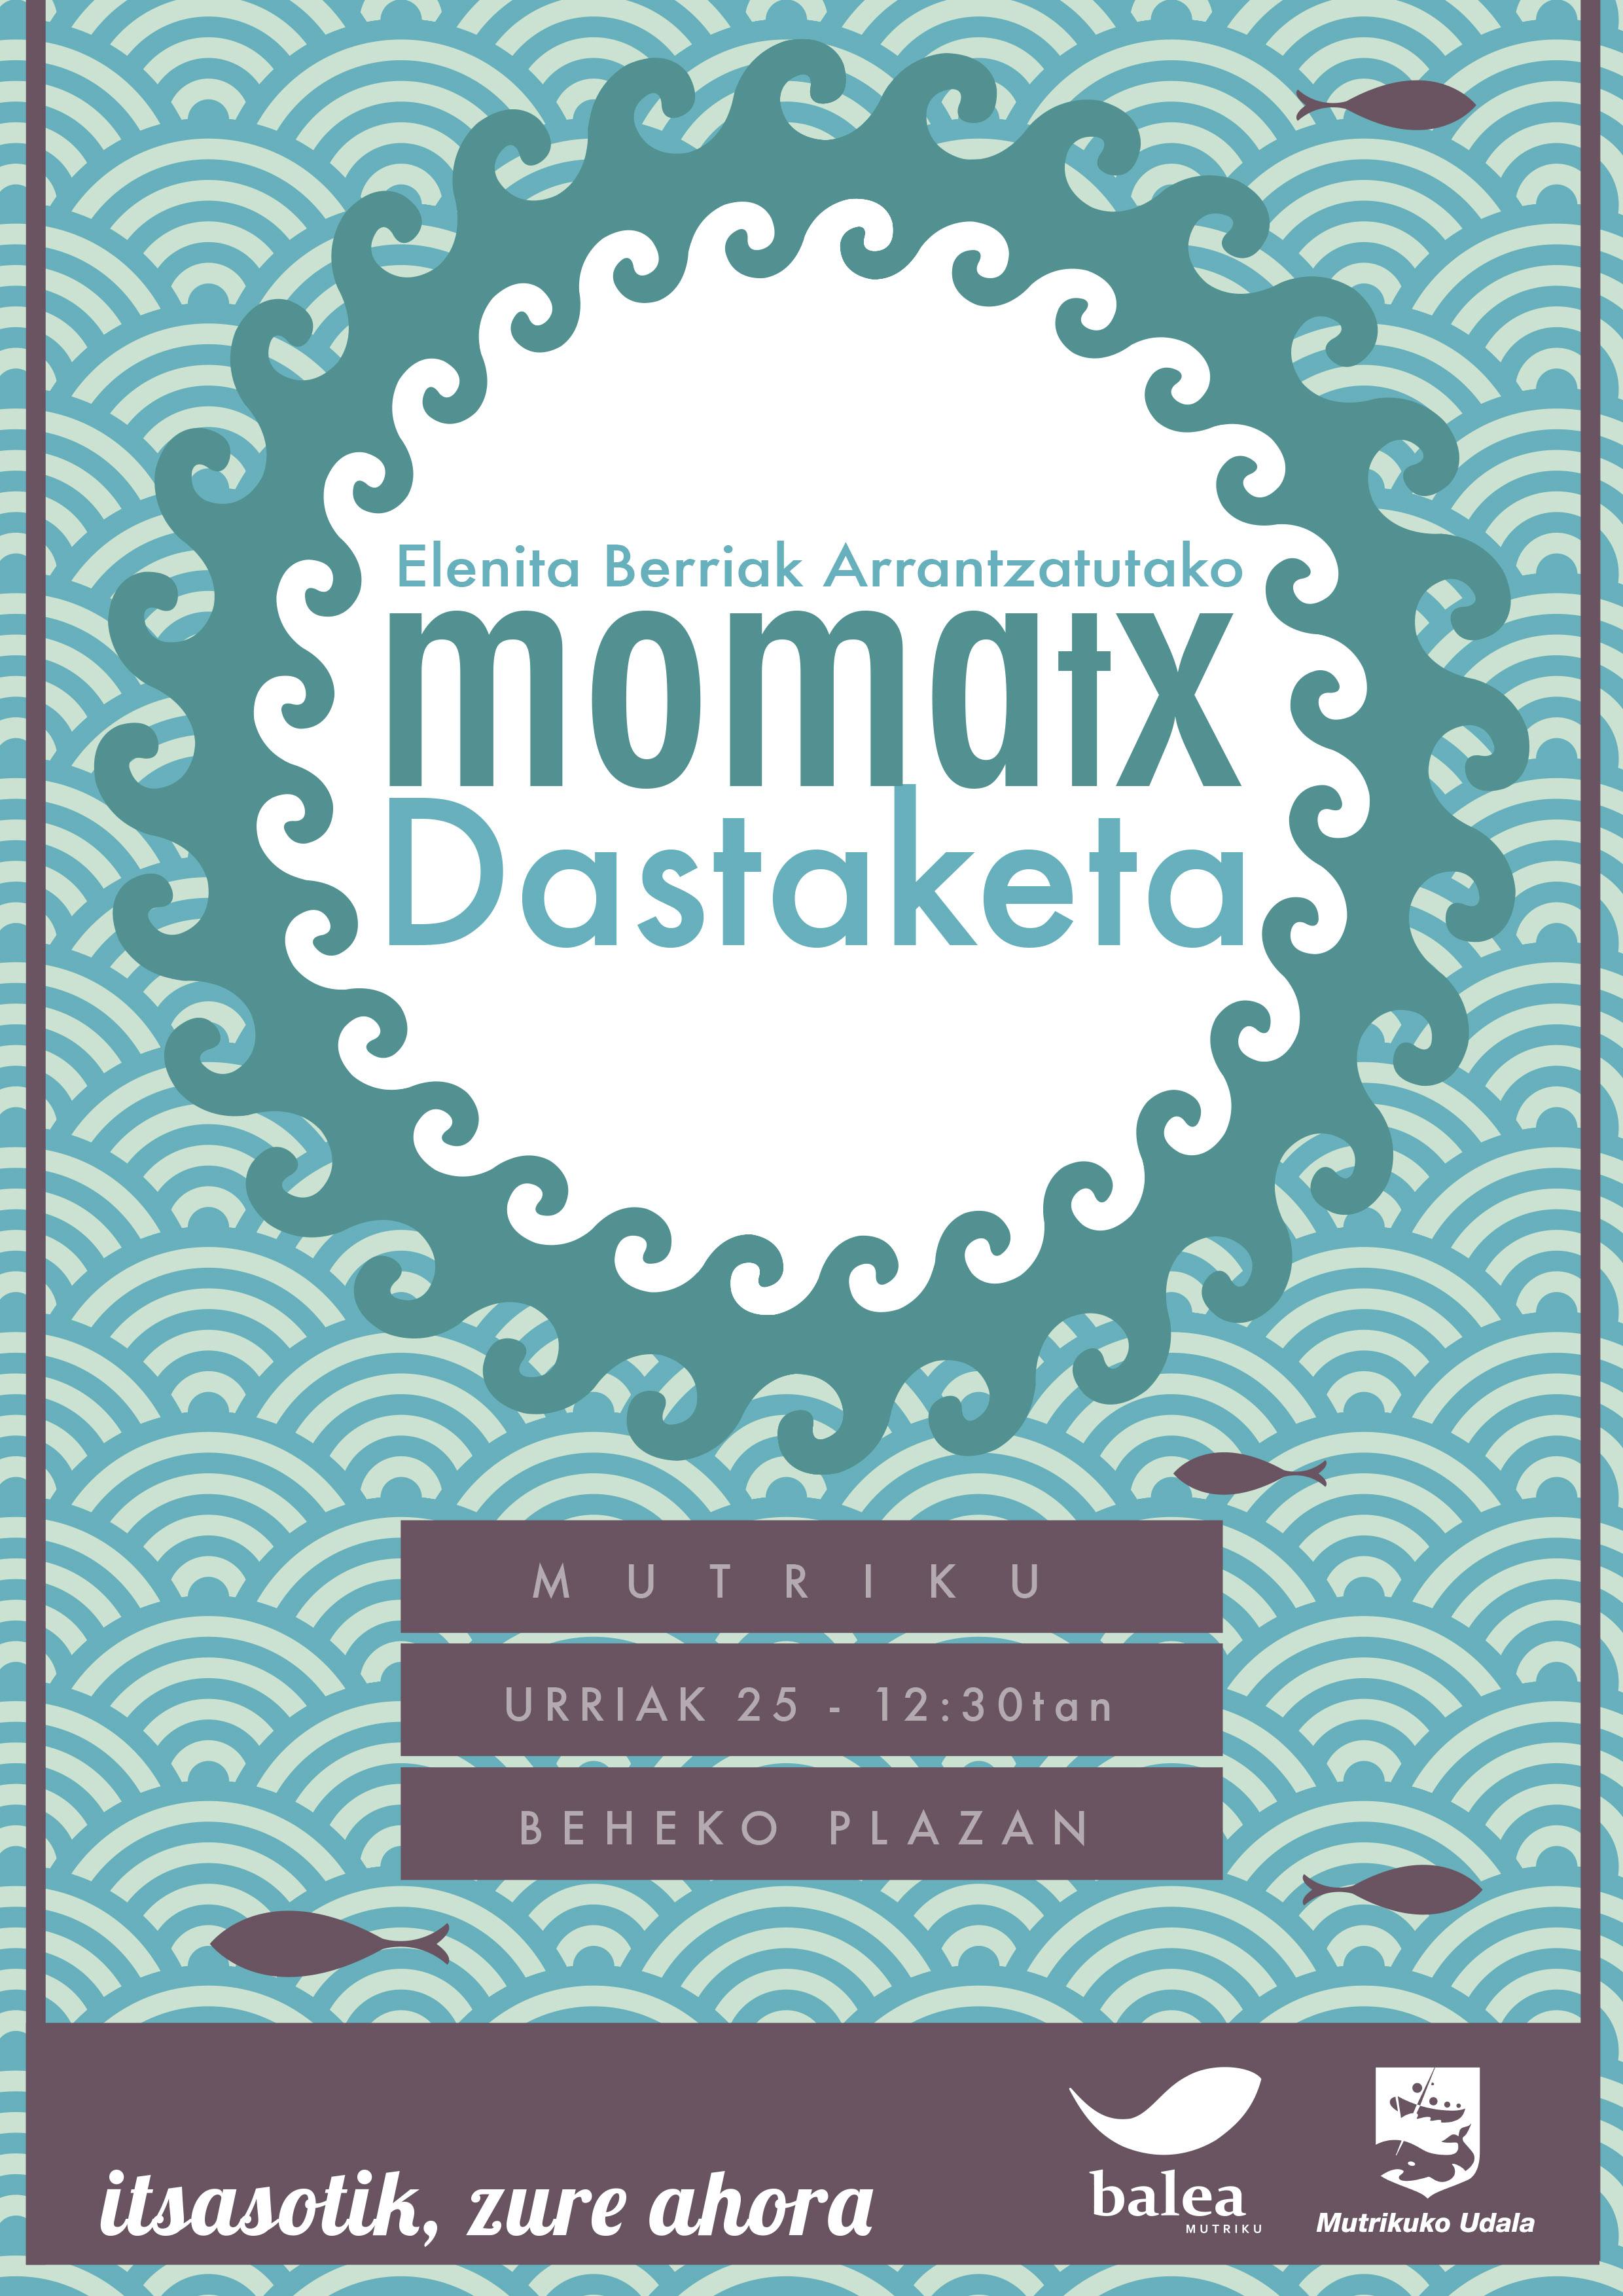 Momatx dastaketa